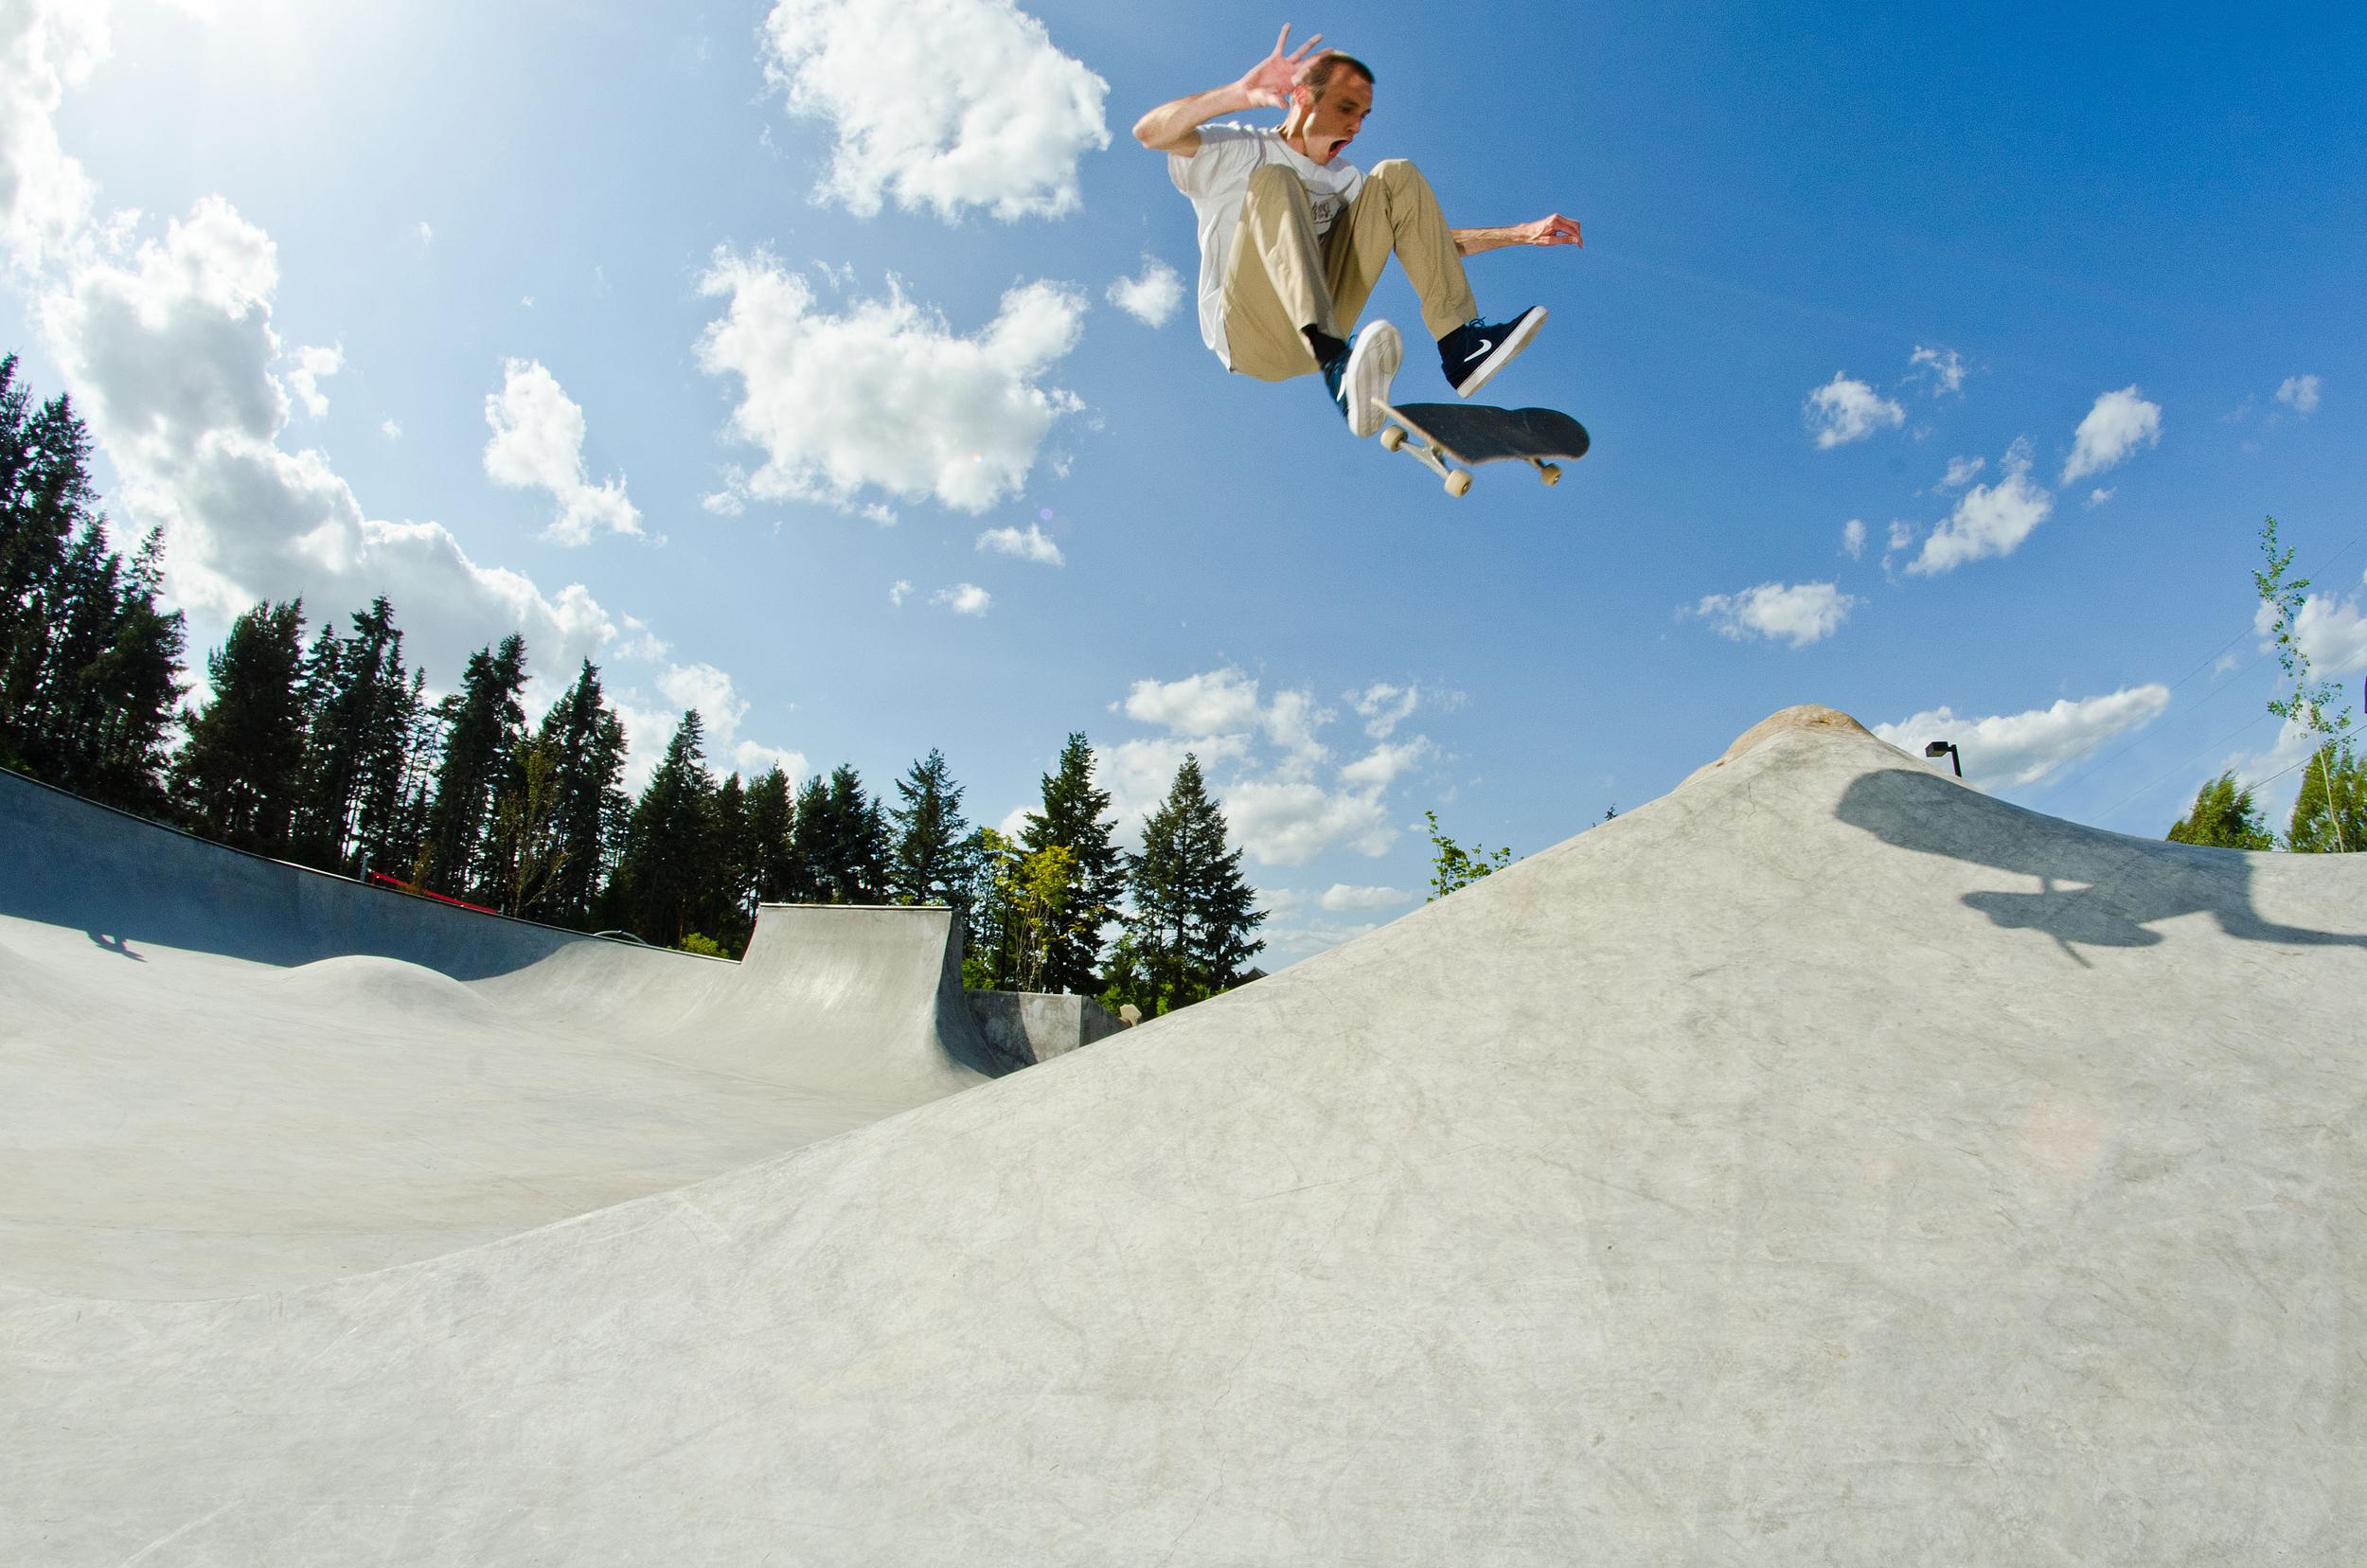 Corby Deglow, FS Flip. Photo: Elias Parise